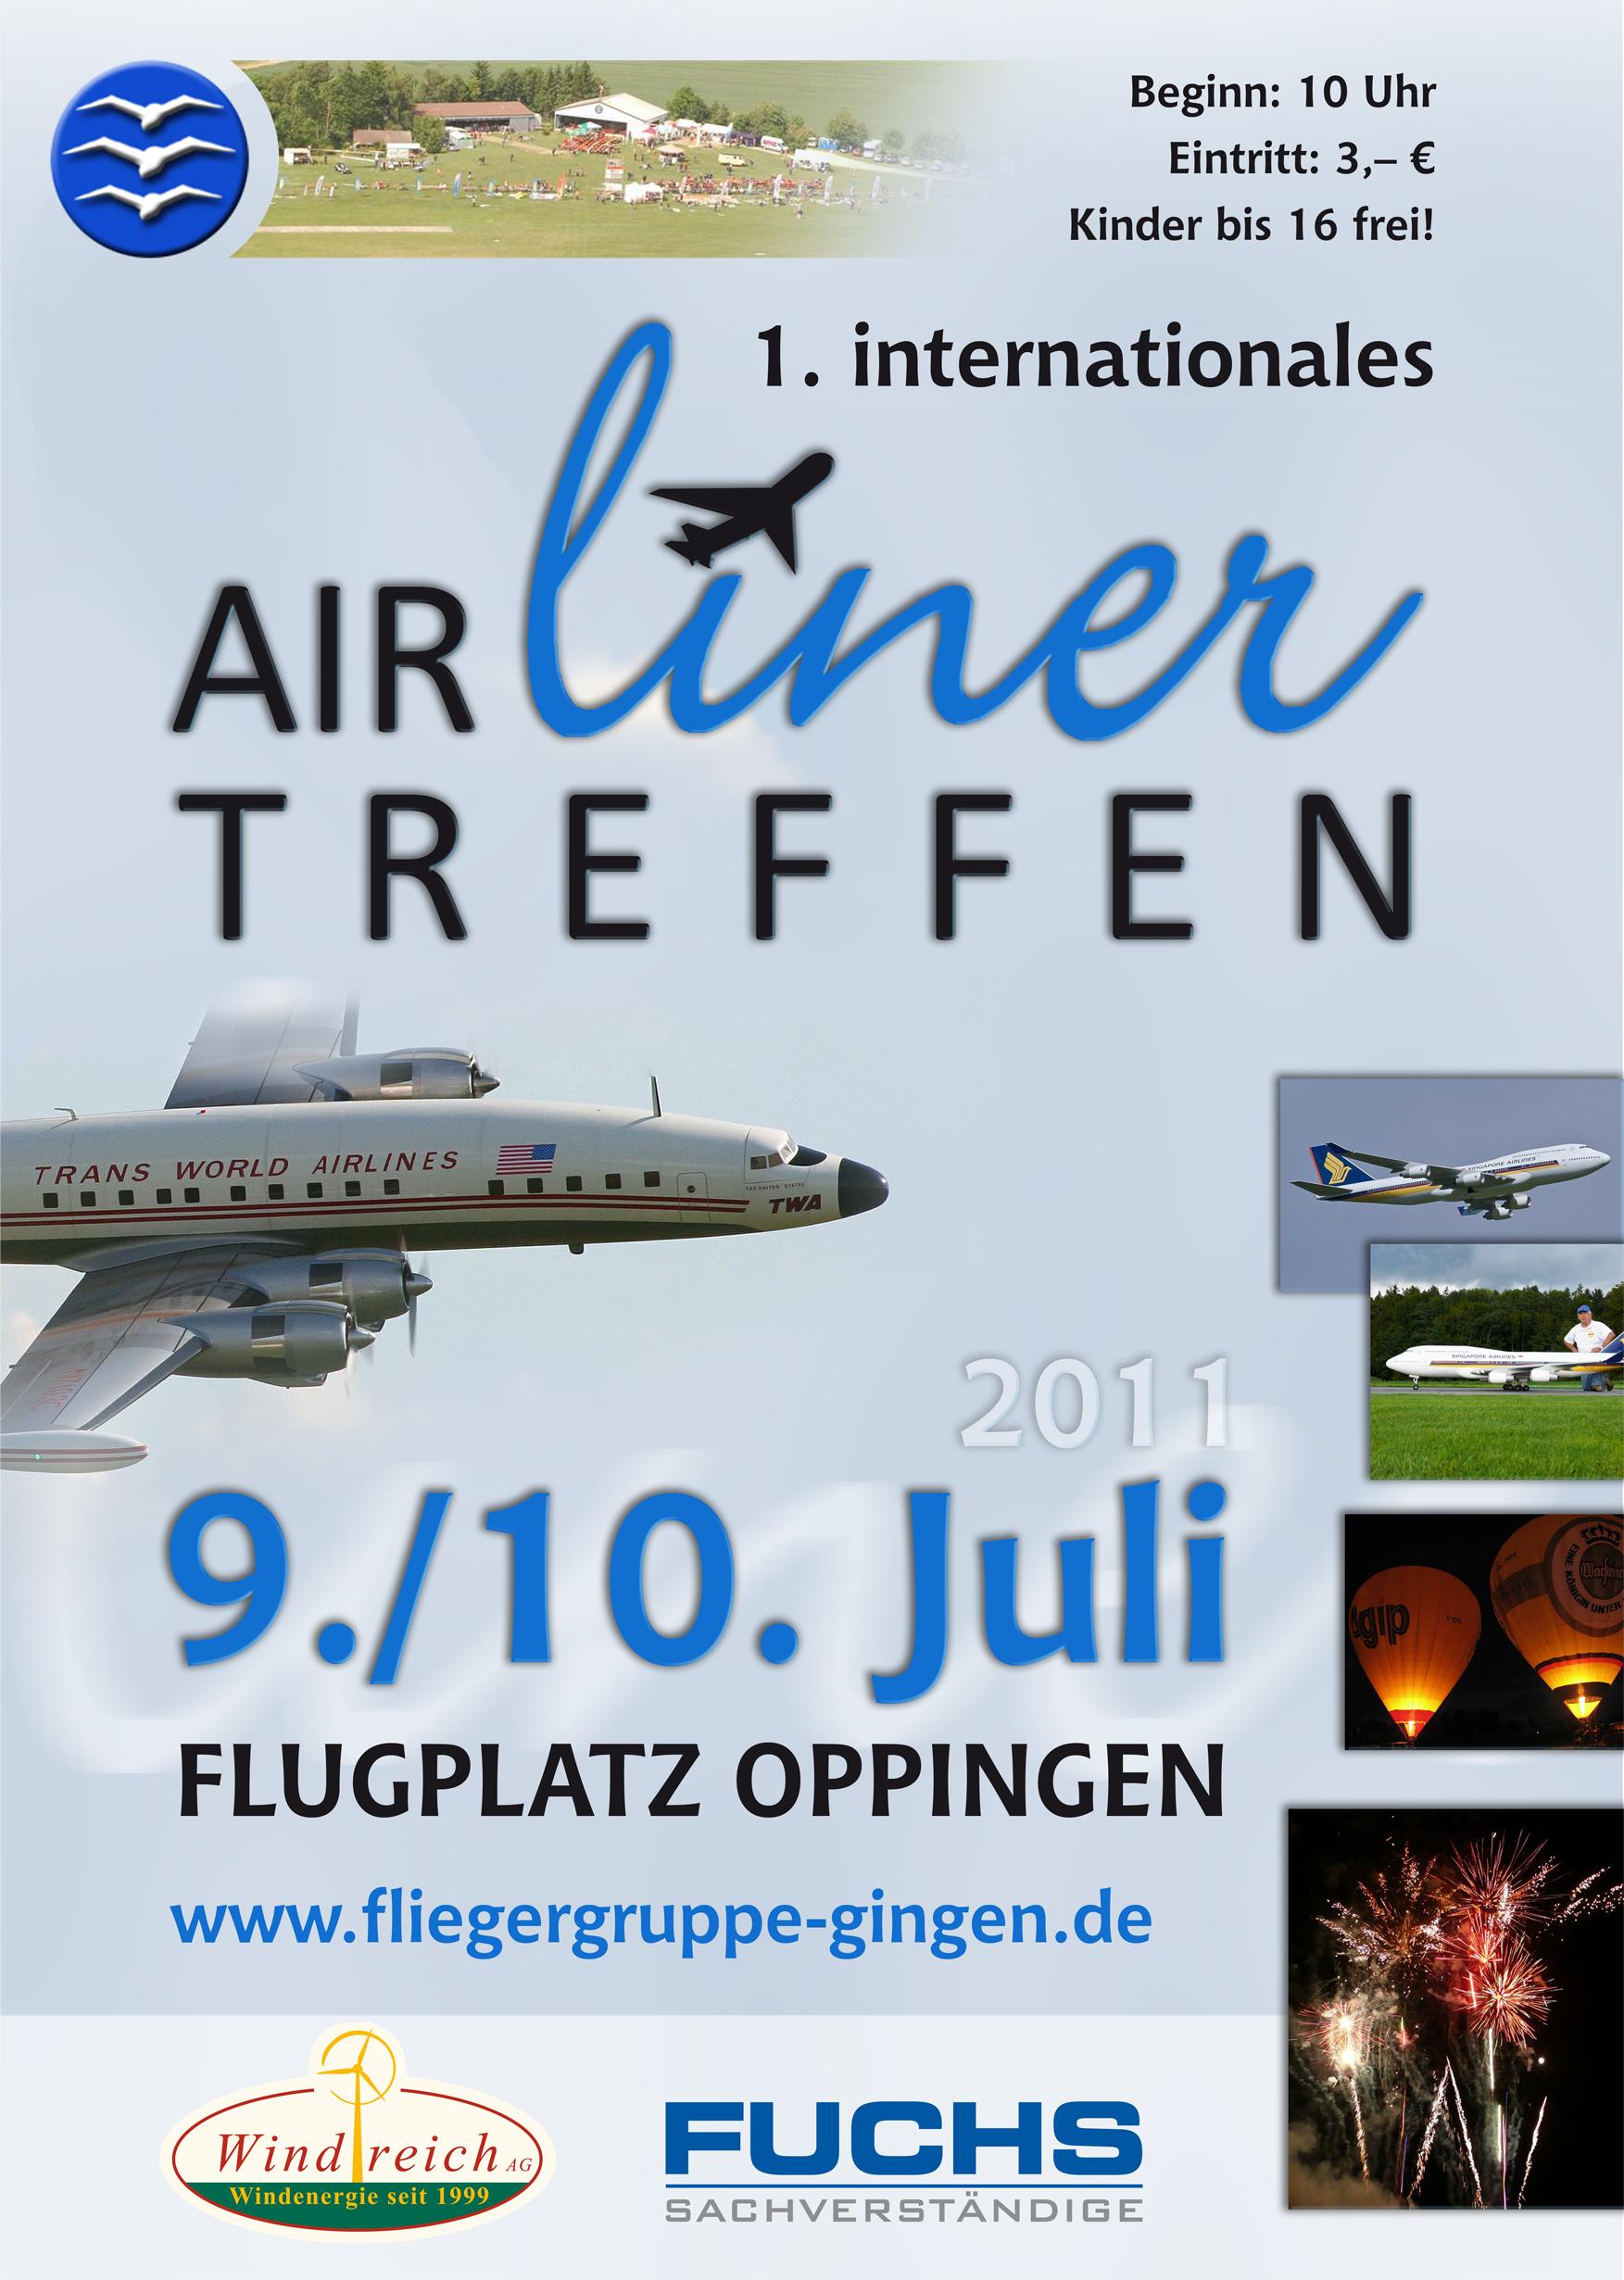 Airlinertreffen 2011